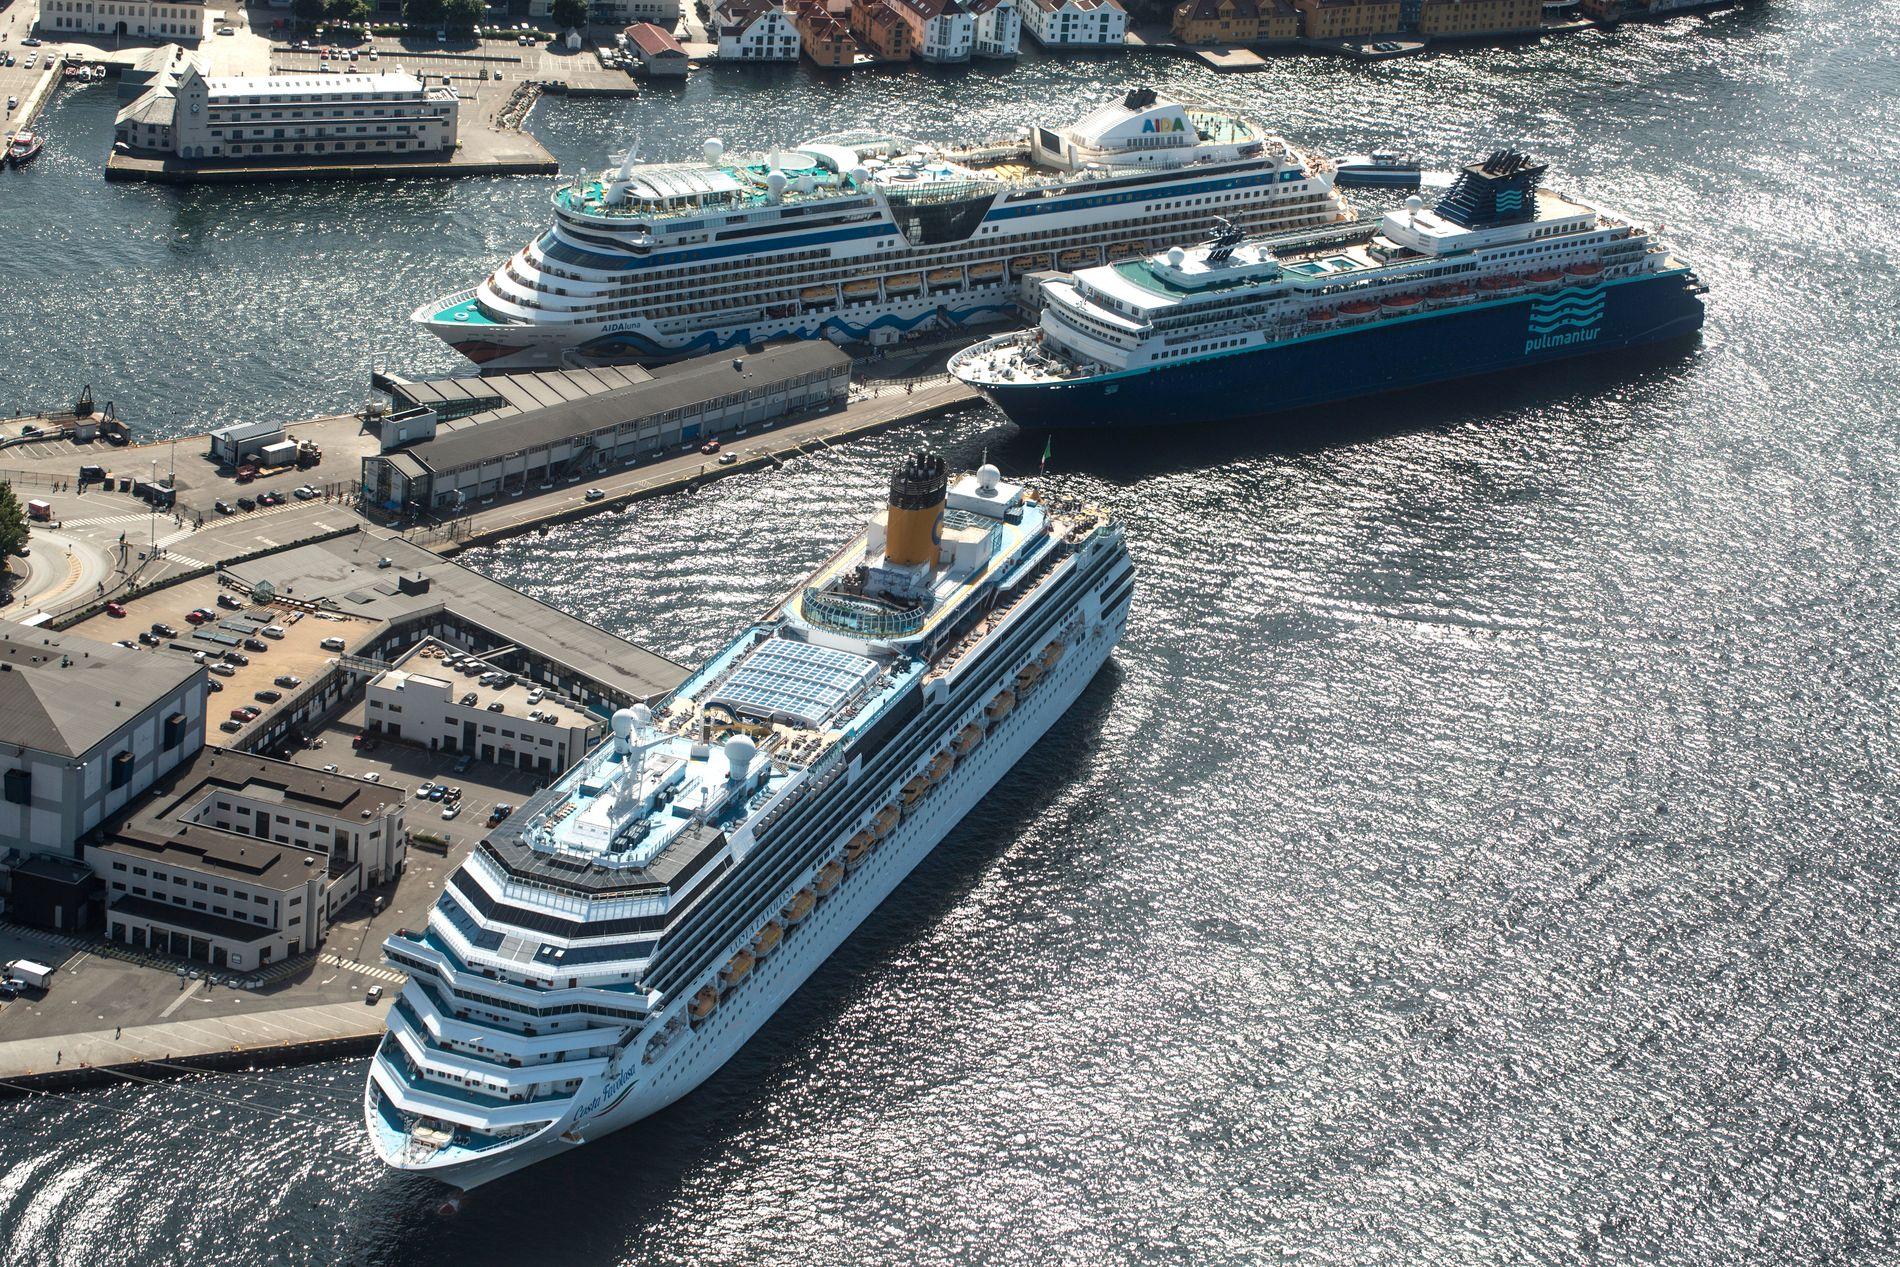 BEGRENSNINGER: Vårt mål er konkrete begrensninger på både hvor mange passasjerer og skip vi kan ha i Bergen samtidig, skriver Julie Andersland.